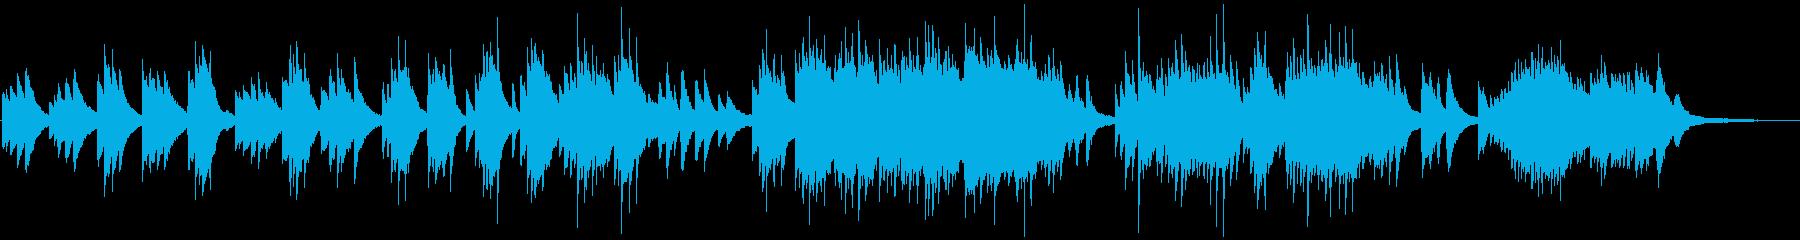 ほっとする安らぎを与えるピアノソロの再生済みの波形